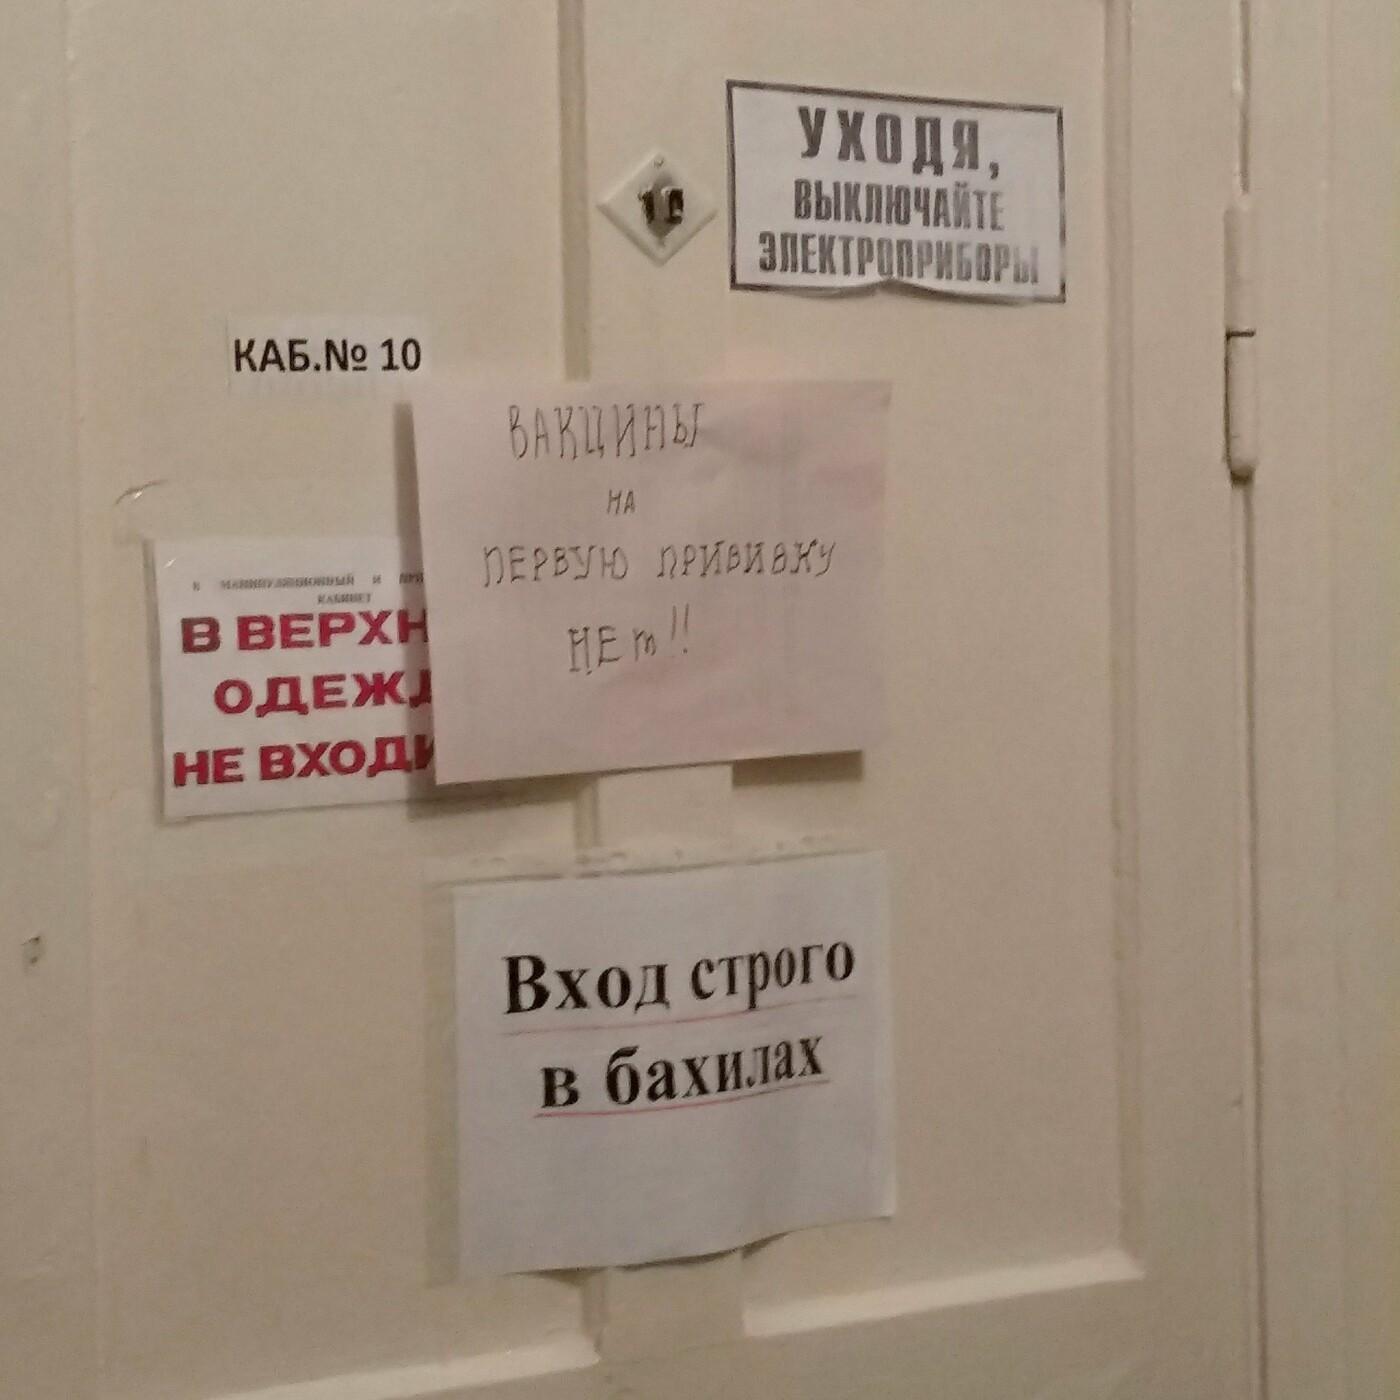 Россия кинула: жители ОРДО жалуются на отсутствие вакцин от COVID-19, фото-1